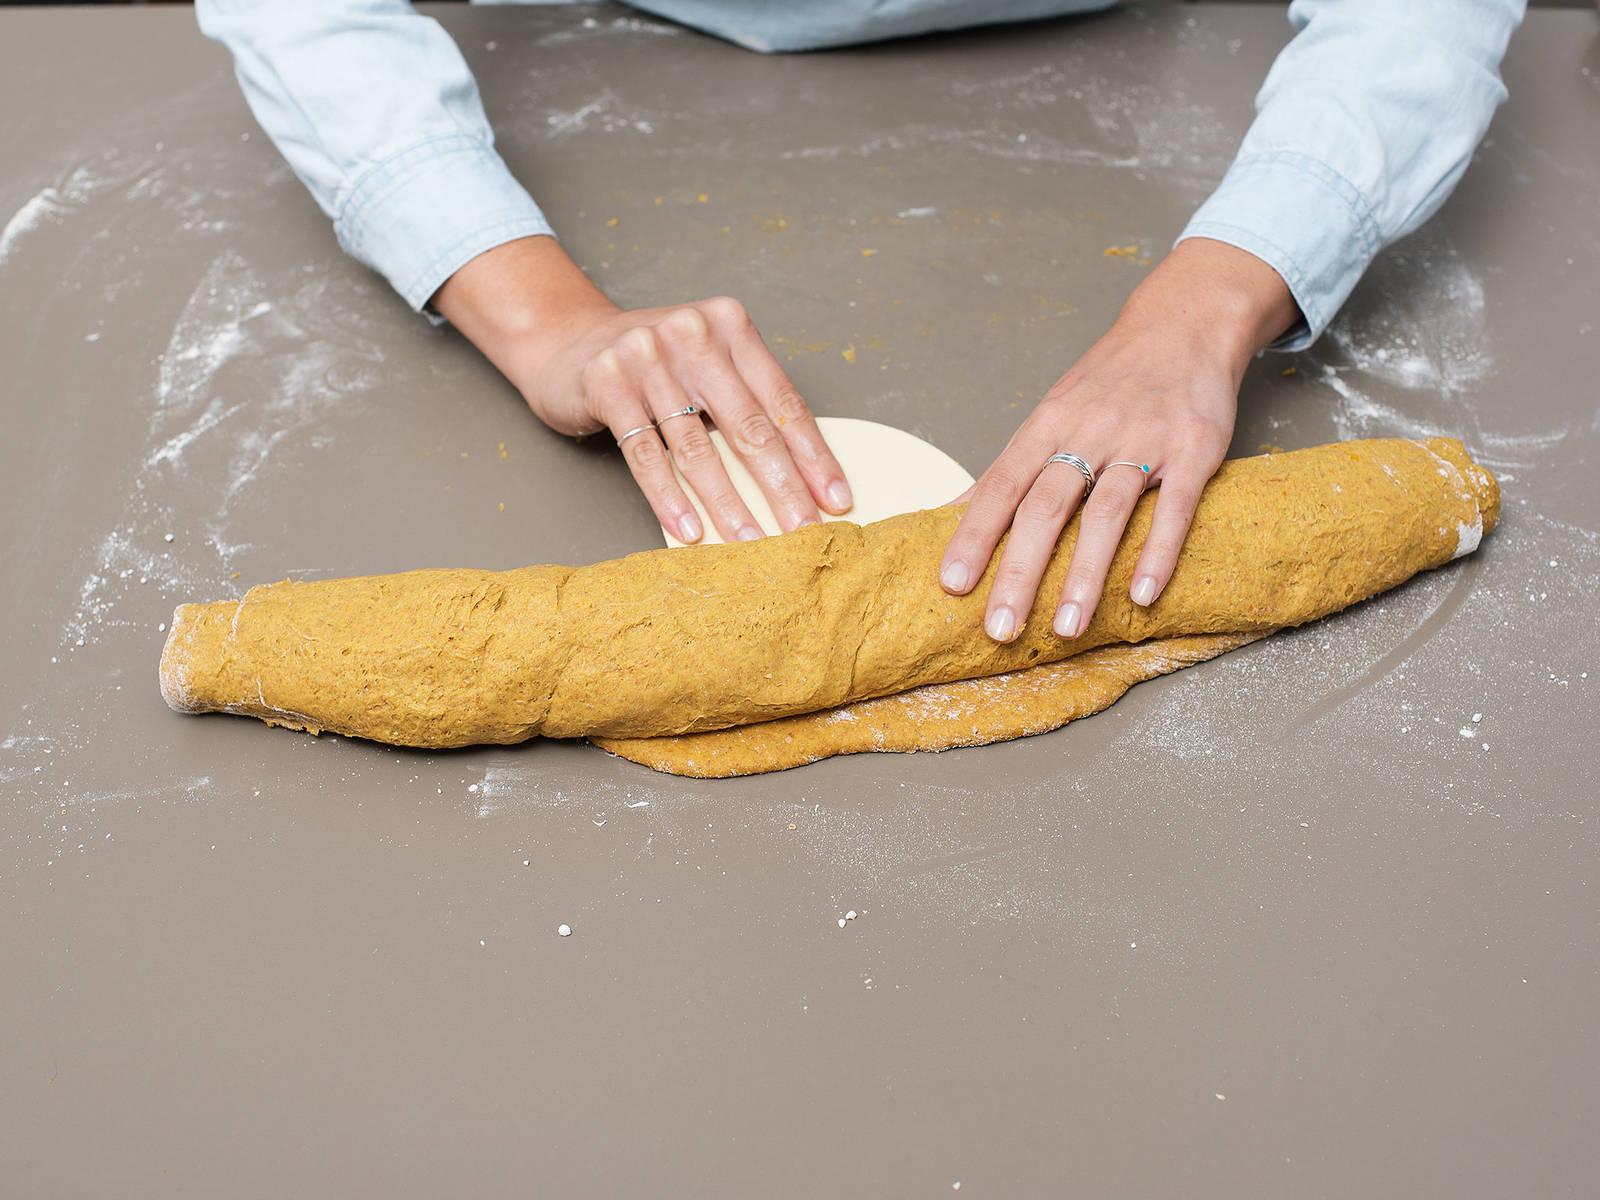 Den Teig von der langen Seiten beginnend fest einrollen, anschließend in zwölf gleich große Stücke schneiden. Die Kürbis-Zimtschnecken mit etwas Abstand voneinander in der Springform verteilen und nochmals ca. 40 Min. gehen lassen. Währenddessen den Backofen auf 180°C vorheizen.